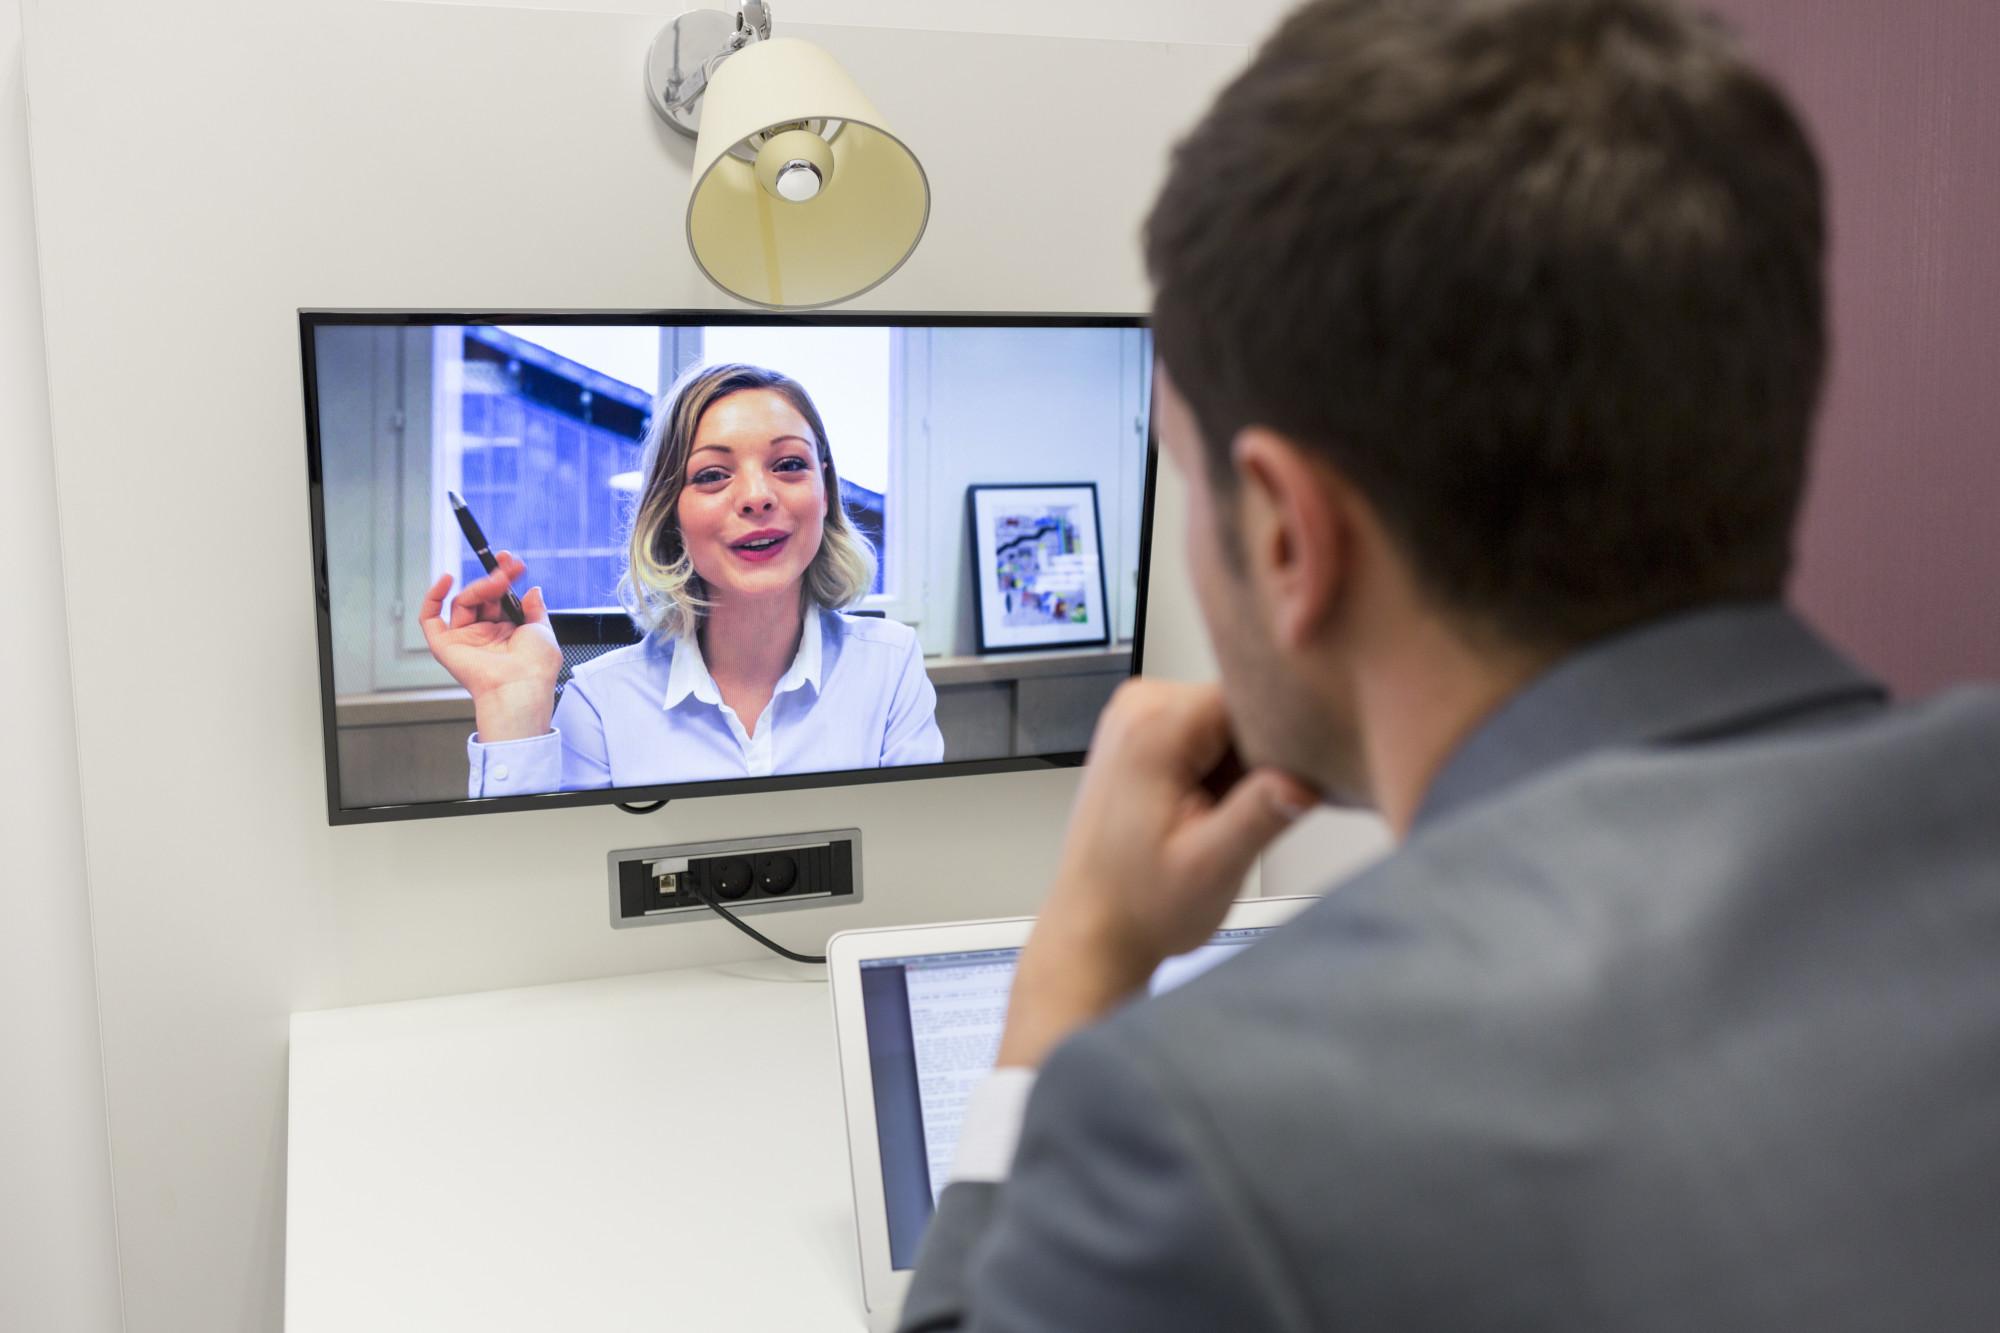 Videoconferencing for Work